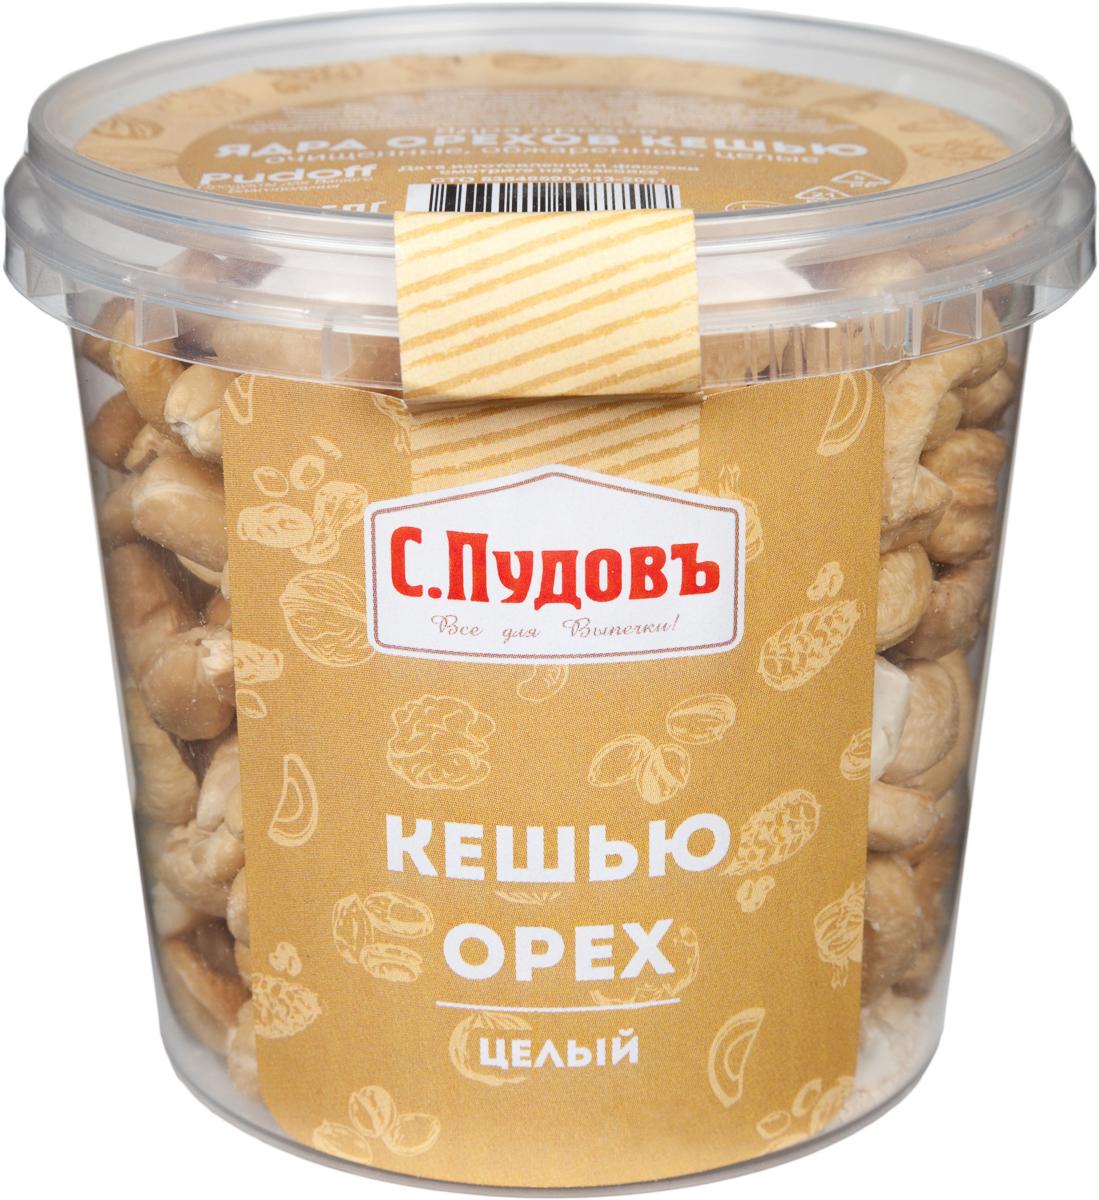 Пудовъ кешью целый, 190 г4607012297716Ядра орехов кешью от торговой марки С. Пудовъ - это правильный выбор для тех, кто ценит настоящее качество. В этой серии используются только самые крупные калибры и лучшие сорта.